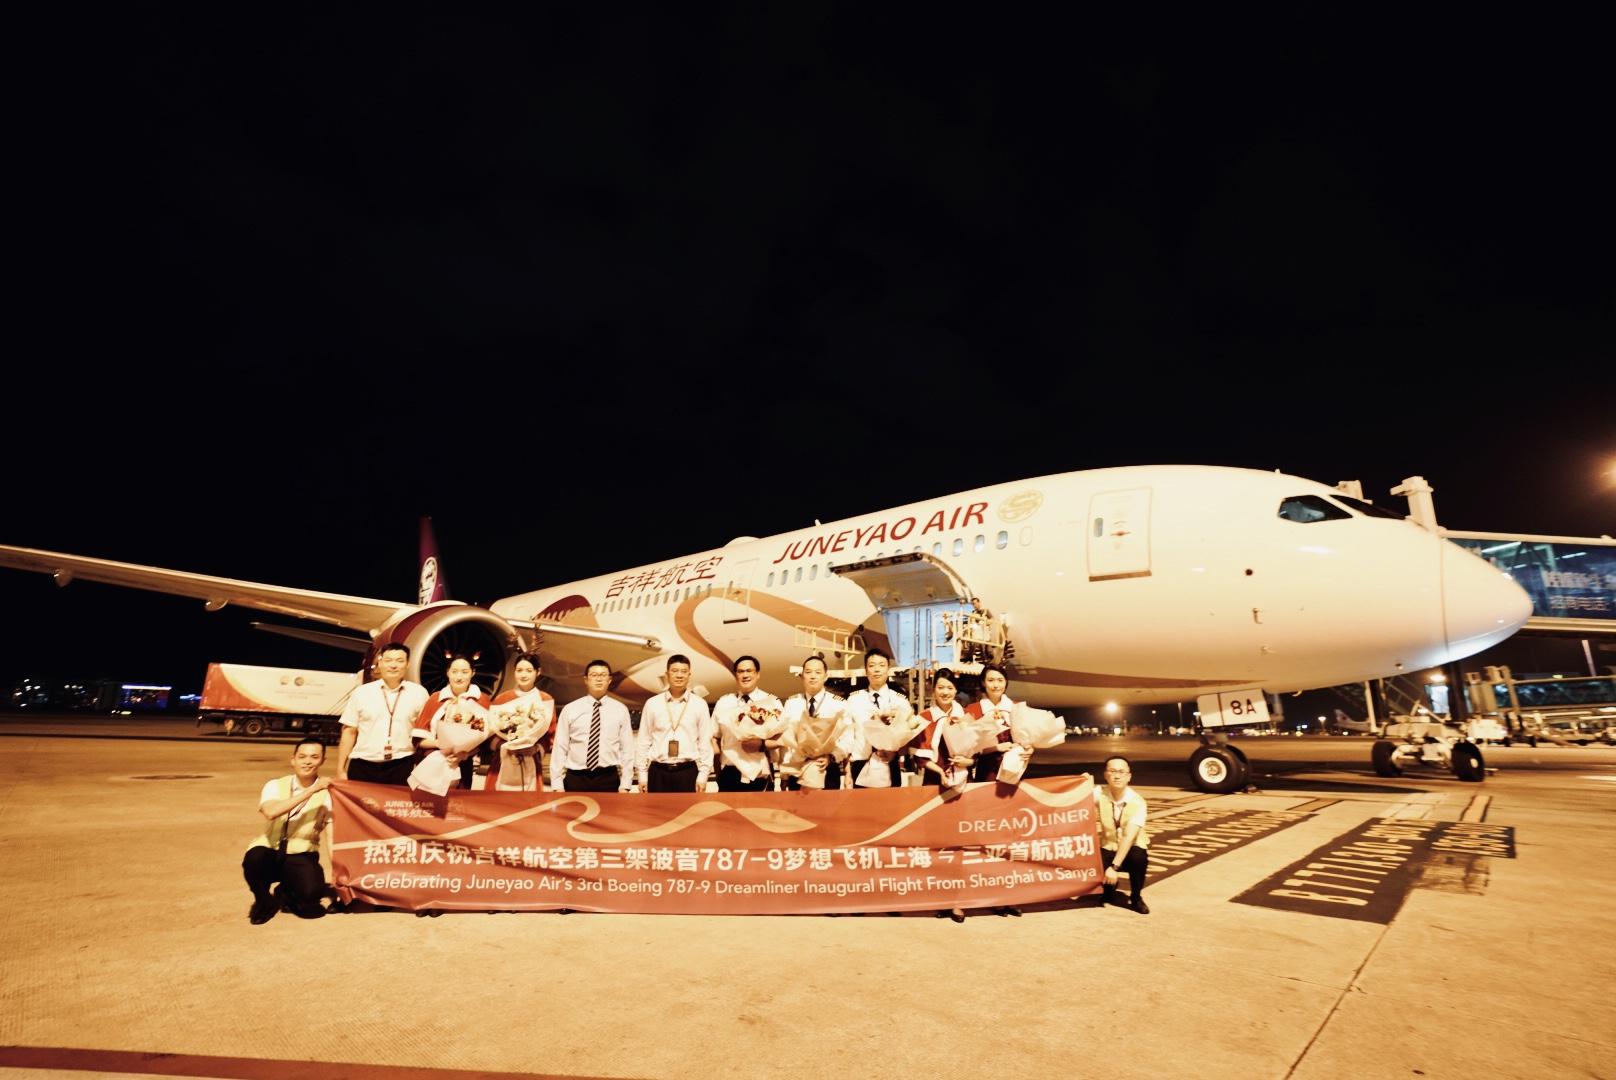 787三亚航线首航机组合影.jpg